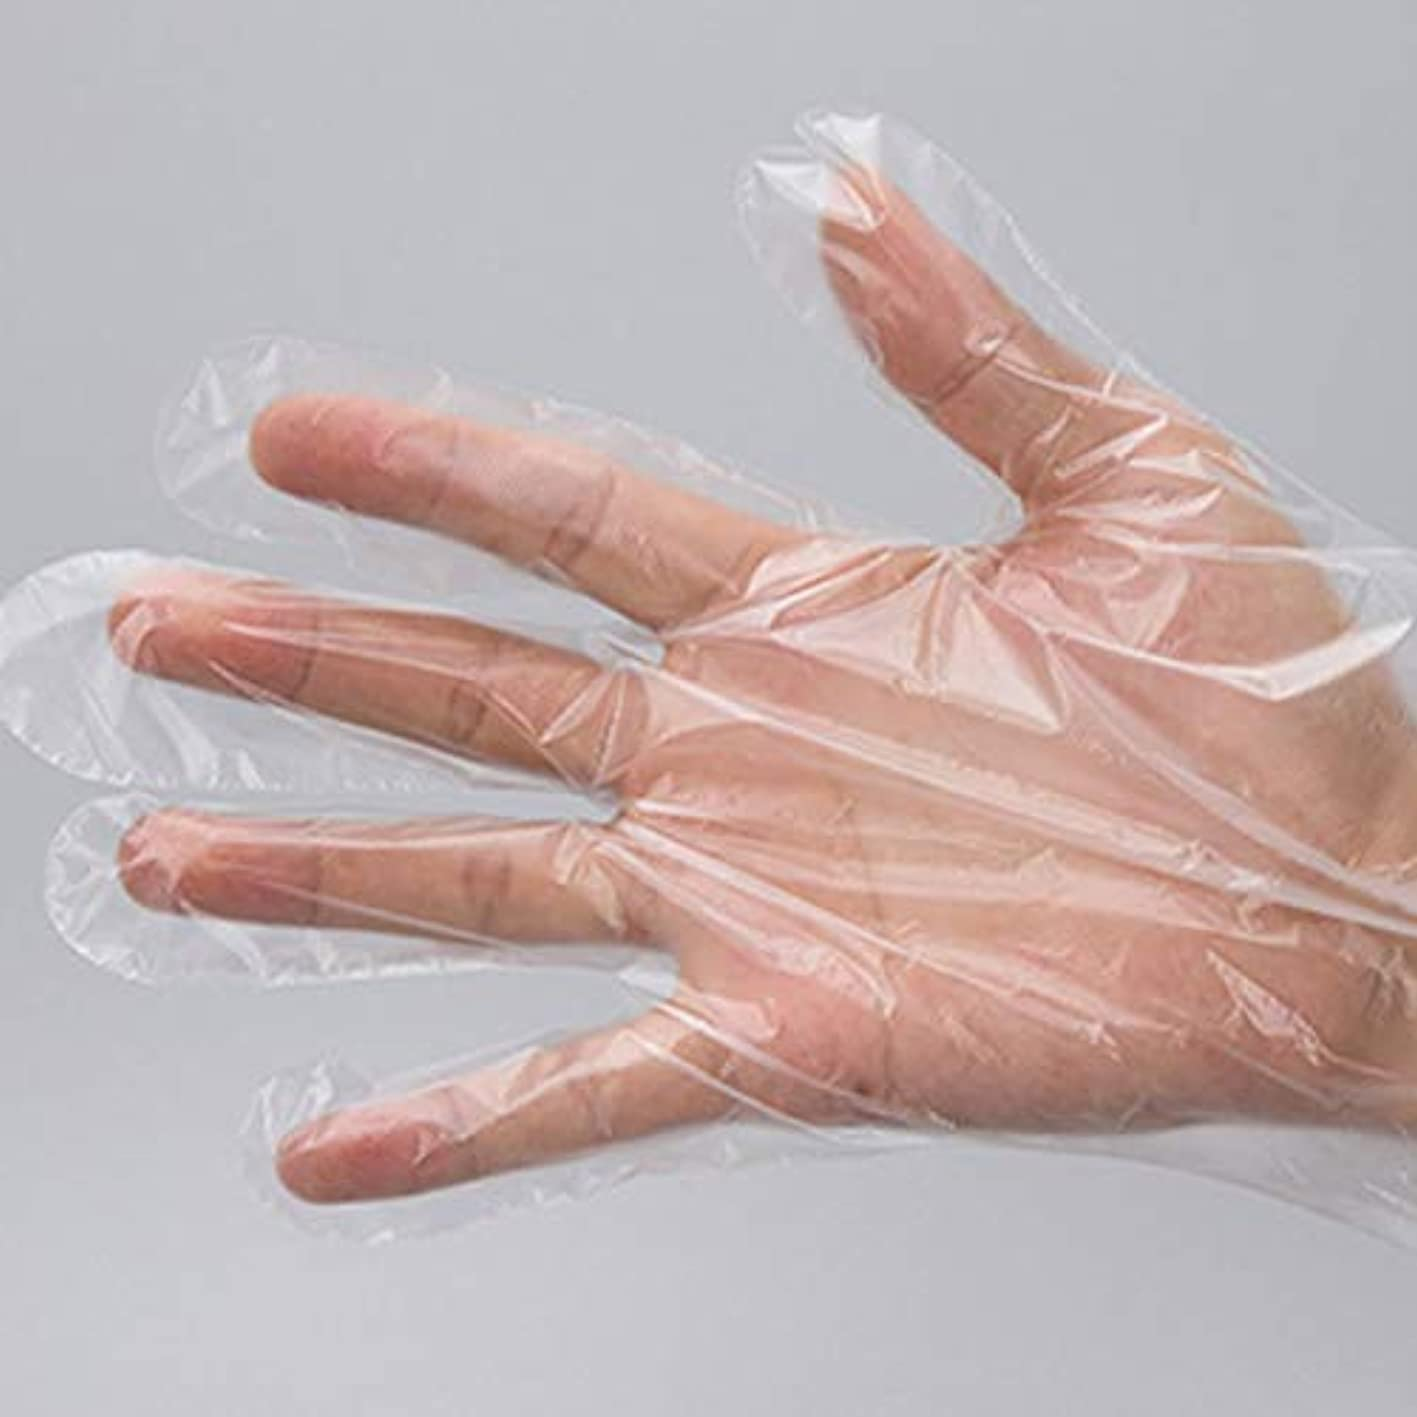 絡まるテロリスト綺麗な使い捨て手袋 極薄ビニール手袋 ポリエチレン 透明 実用 衛生 500枚セット